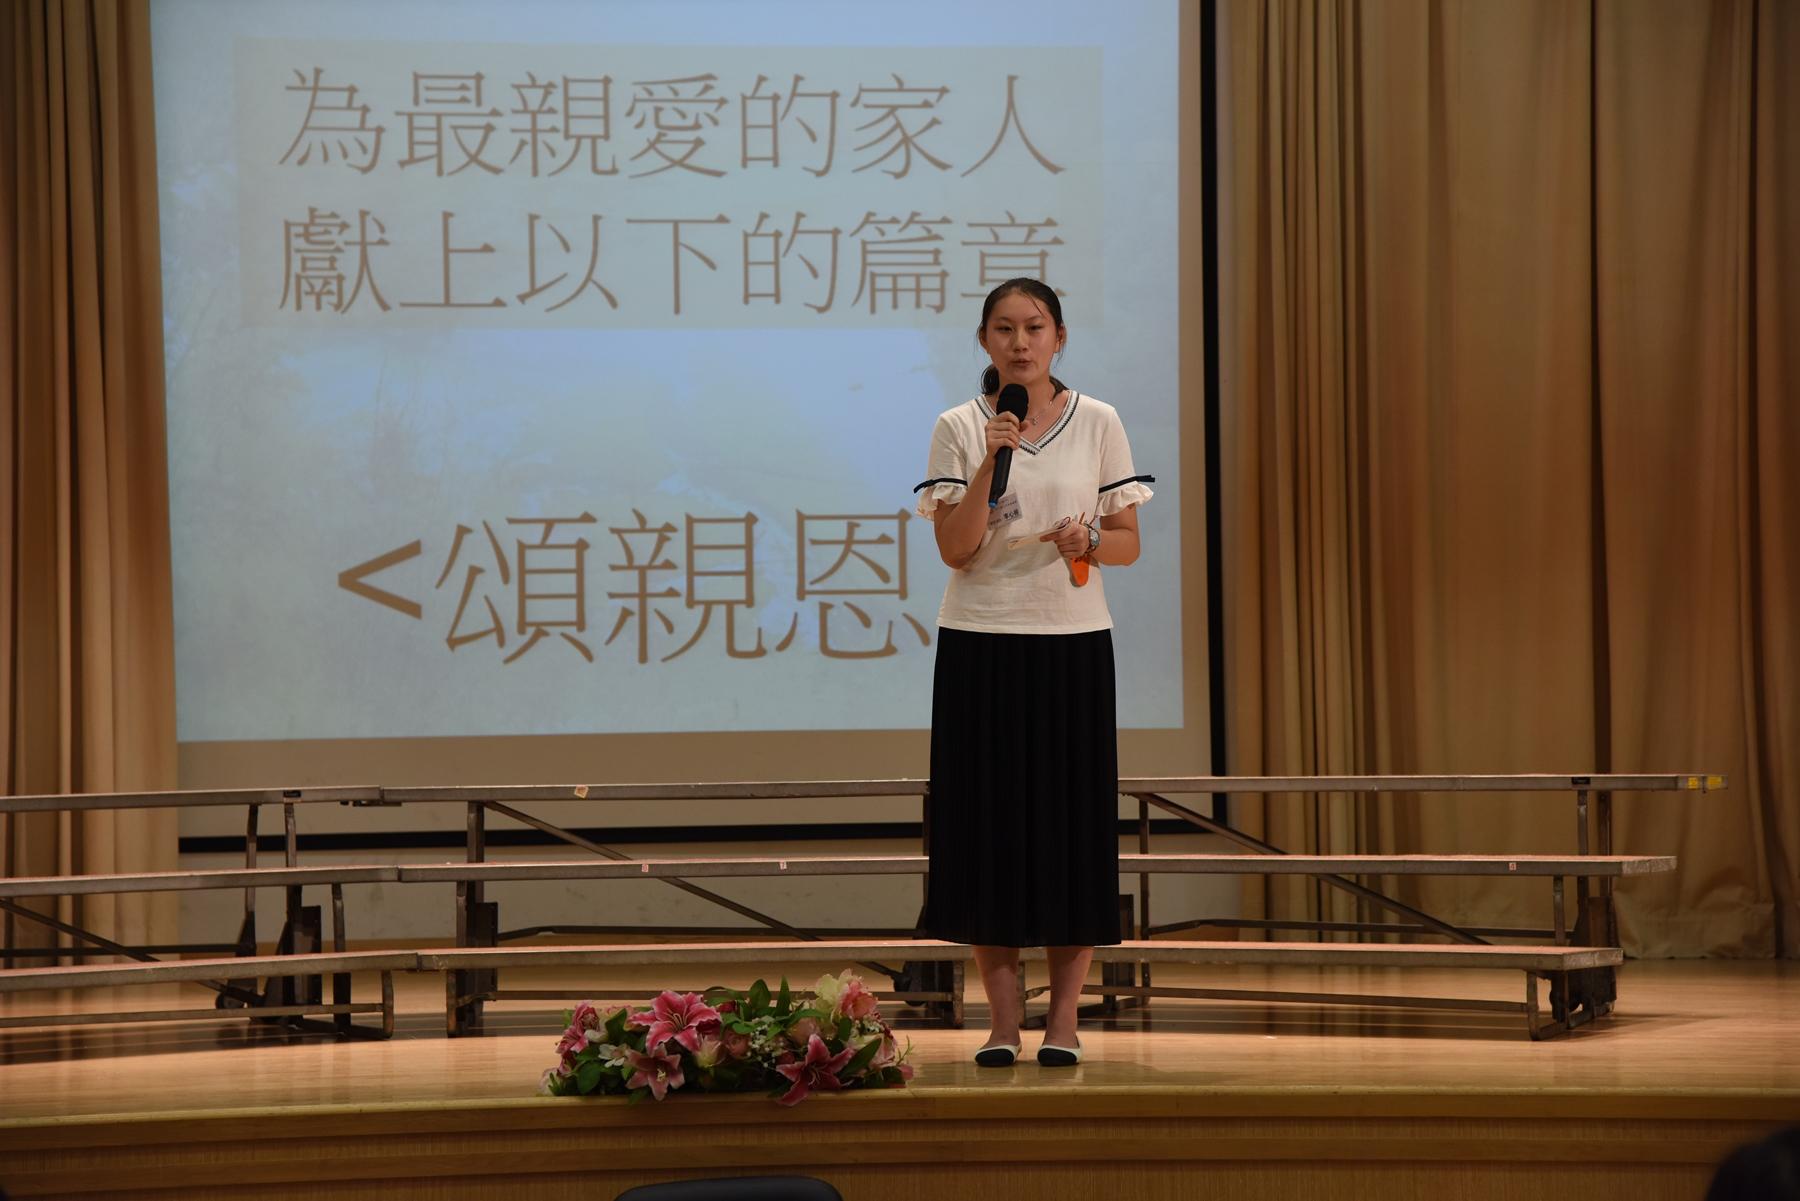 https://www.npc.edu.hk/sites/default/files/dsc_5089.jpg